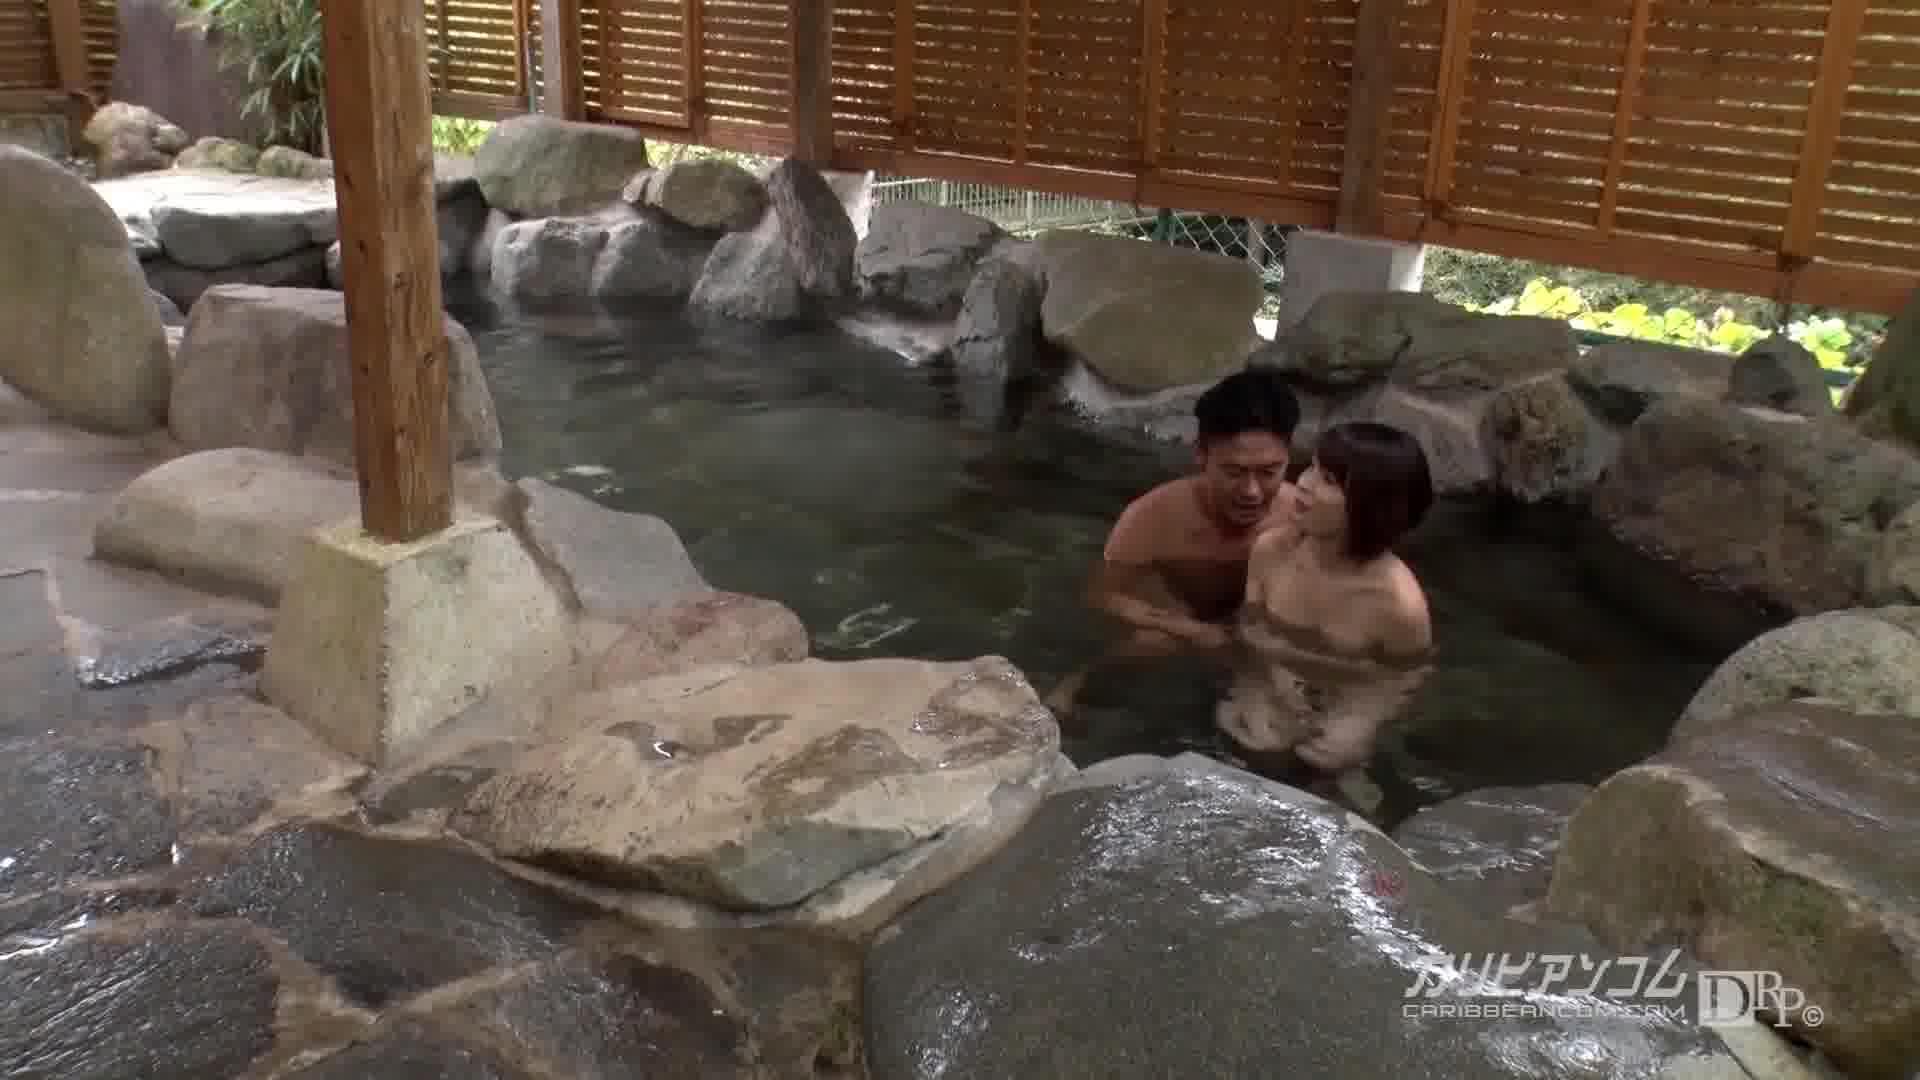 二人っきりのお泊り温泉旅行 - 桐島ひかる【美乳・浴衣・中出し】